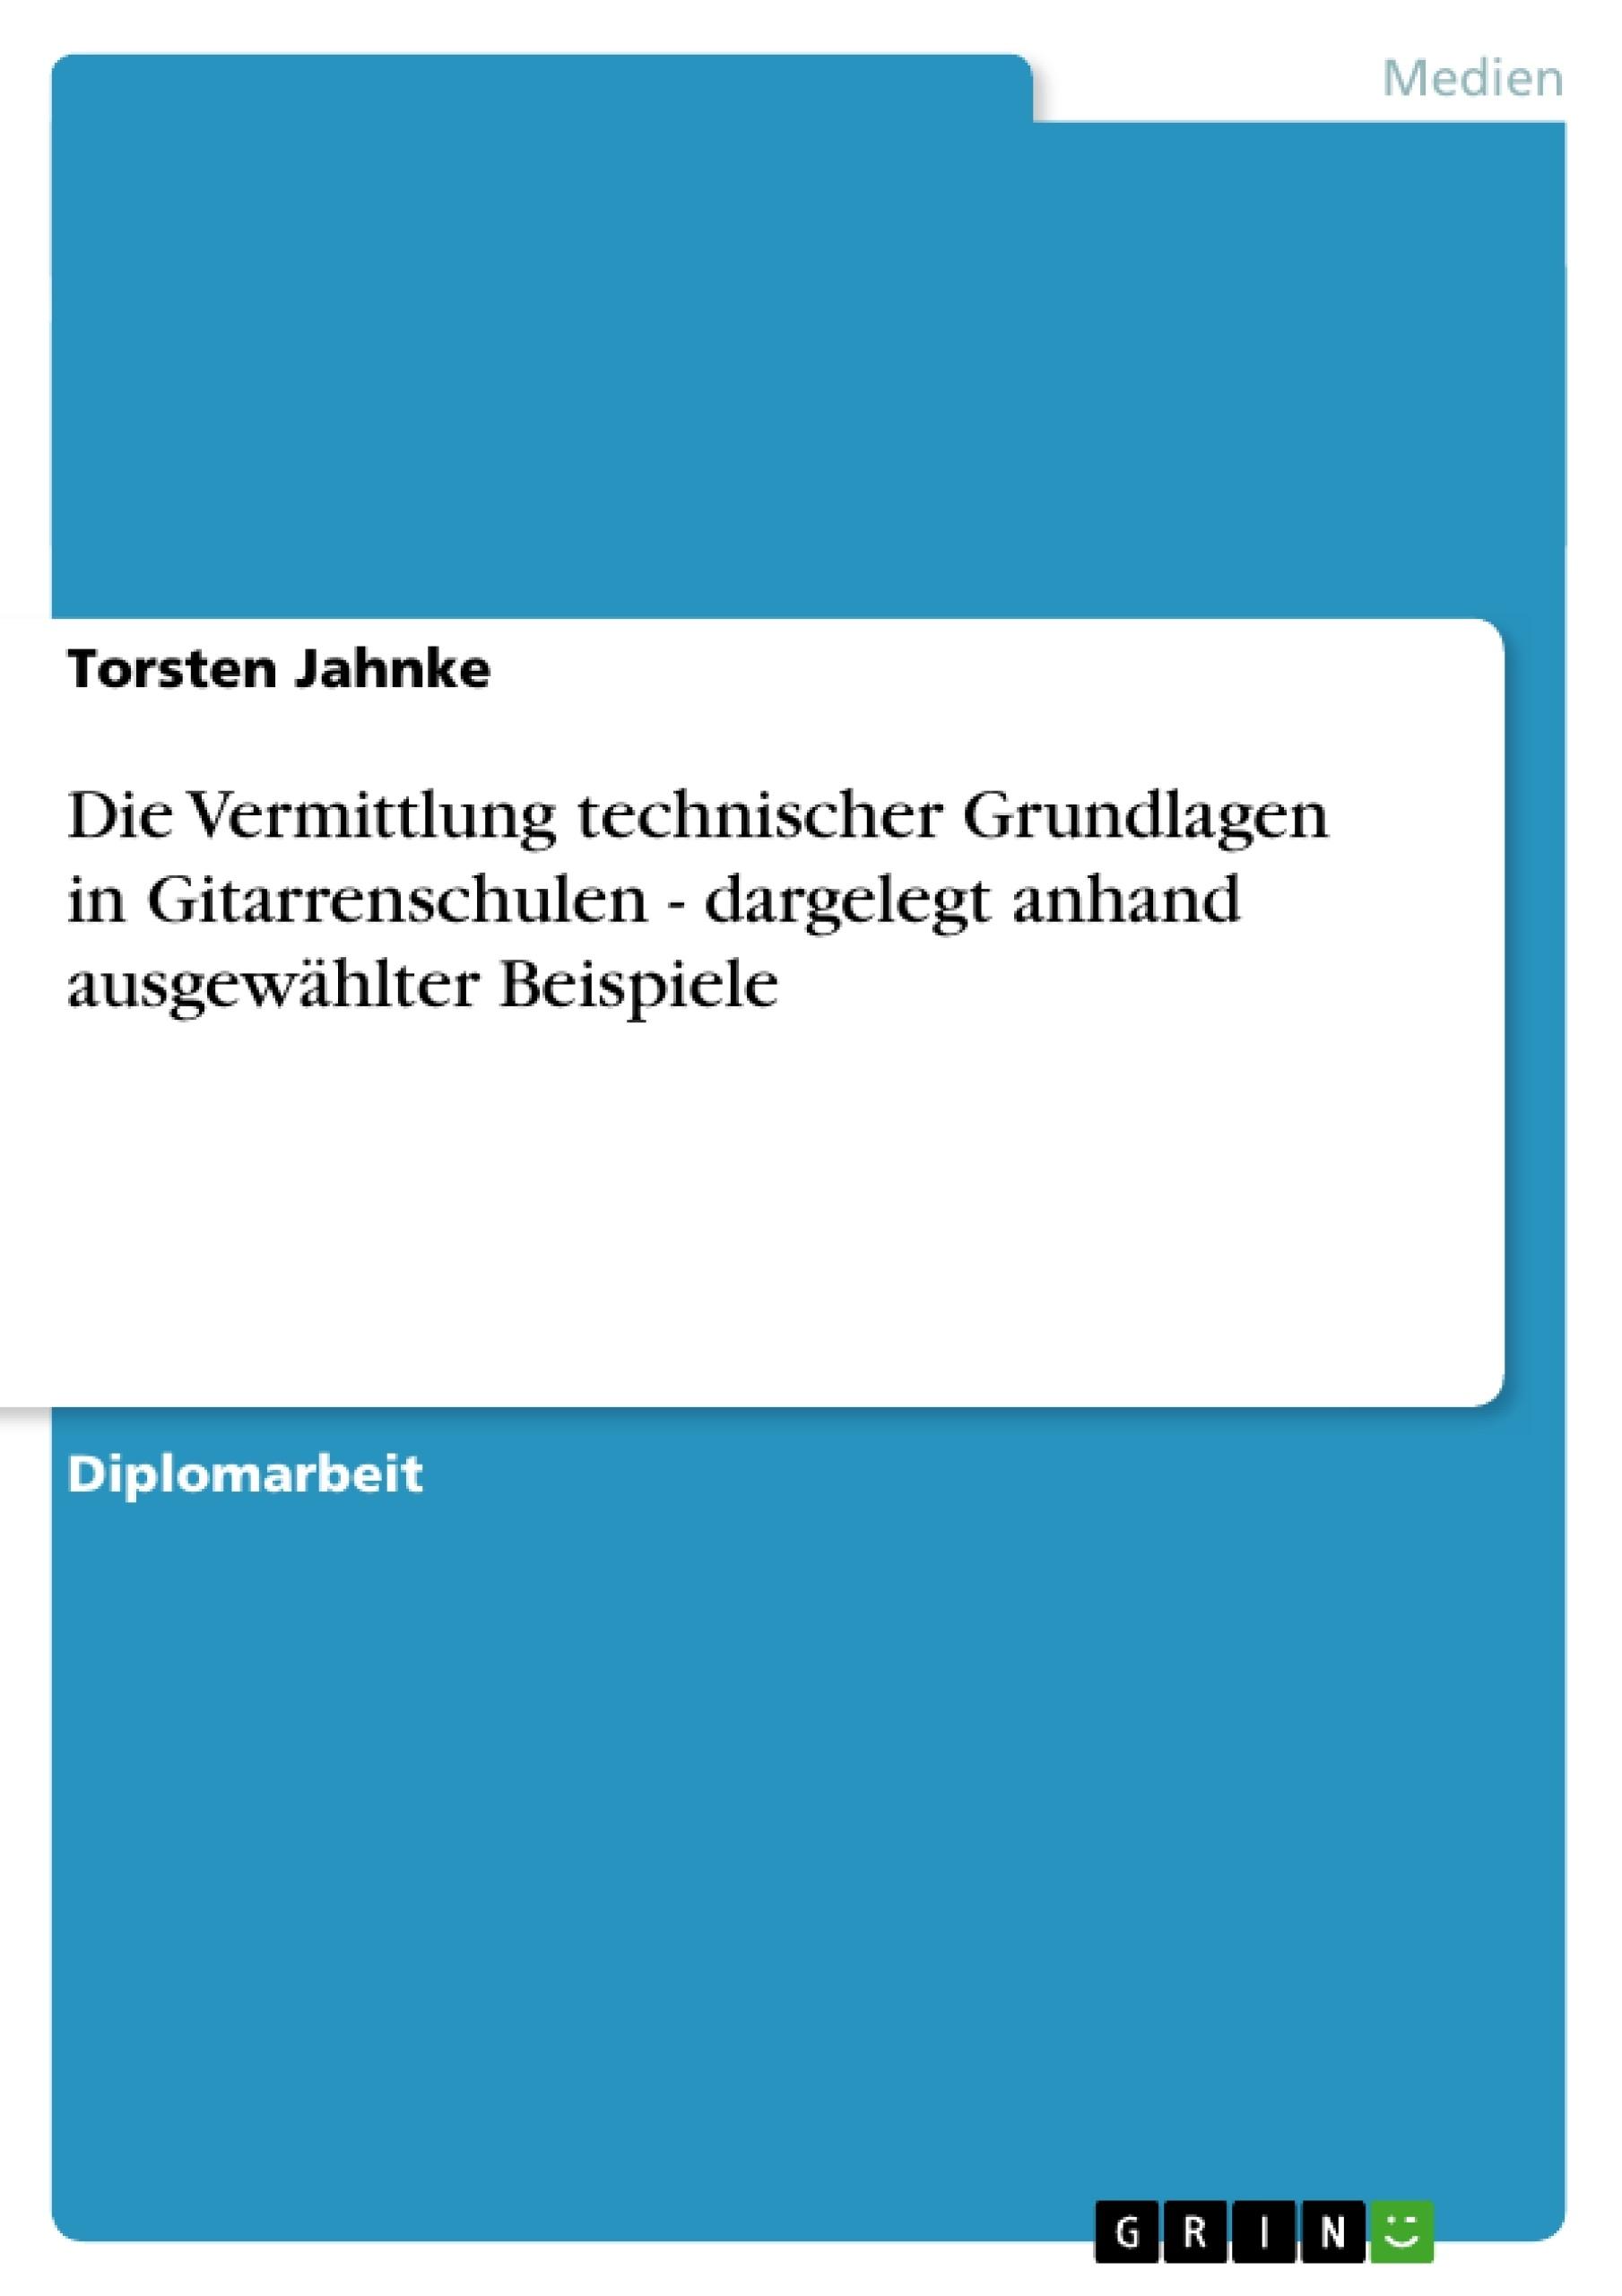 Titel: Die Vermittlung technischer Grundlagen in Gitarrenschulen - dargelegt anhand ausgewählter Beispiele